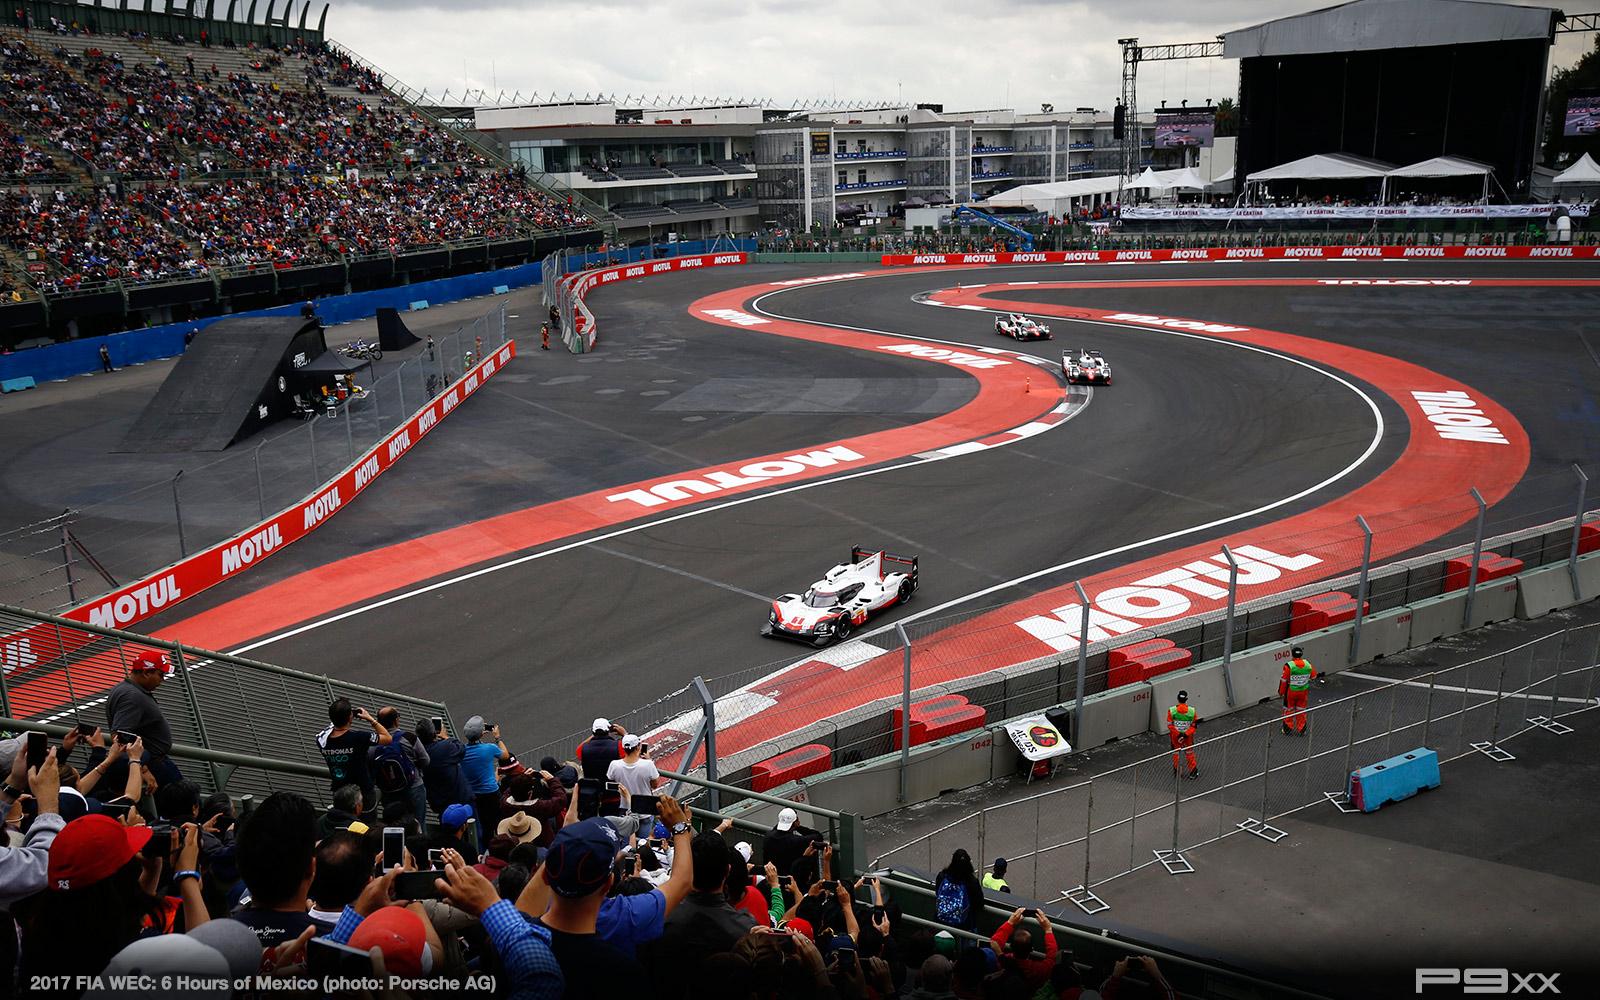 2017-FIA-WEC-6-HOURS-MEXICO-PORSCHE-1305